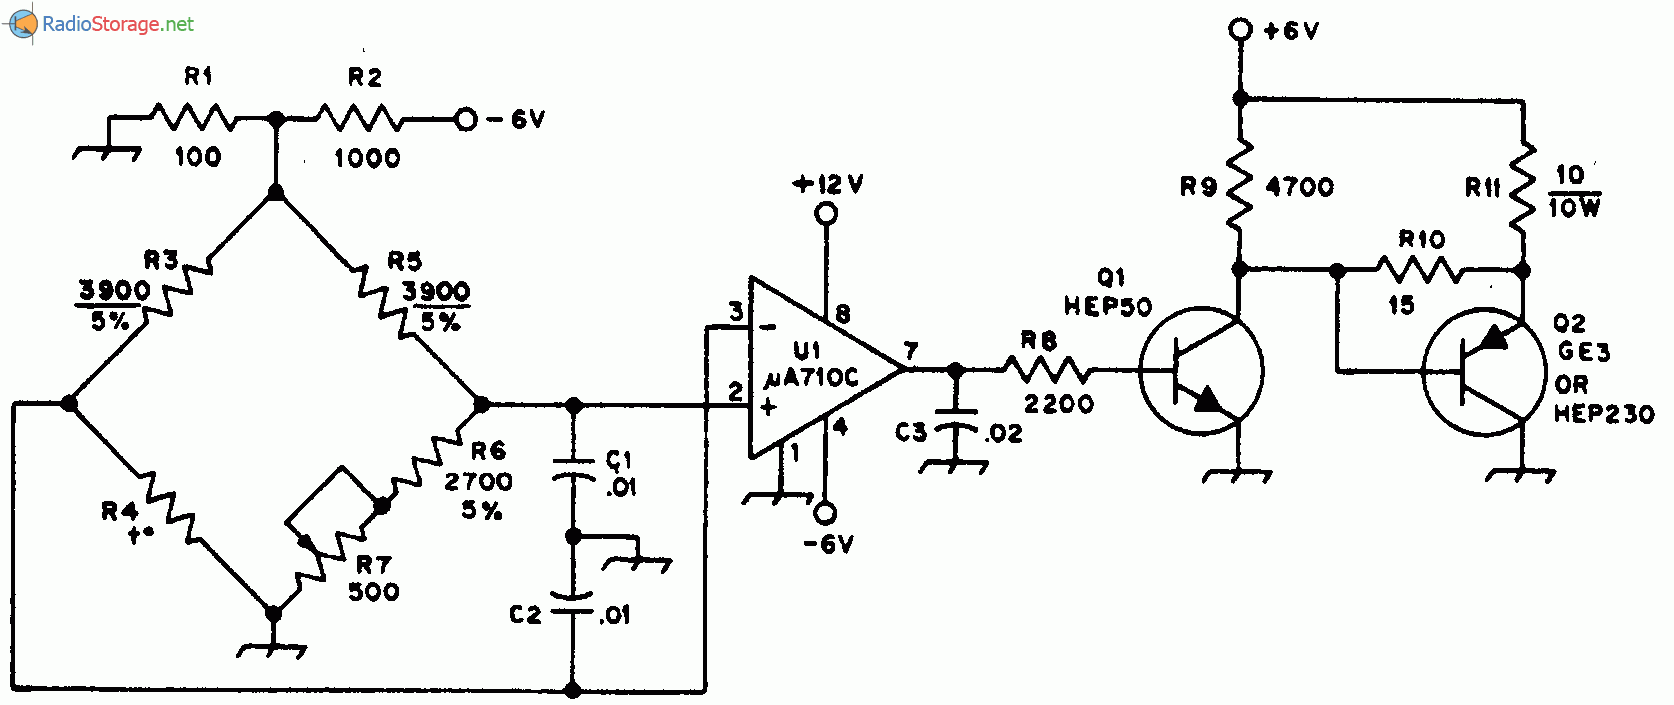 Регулятор для термостата кварцевого резонатора - схема.